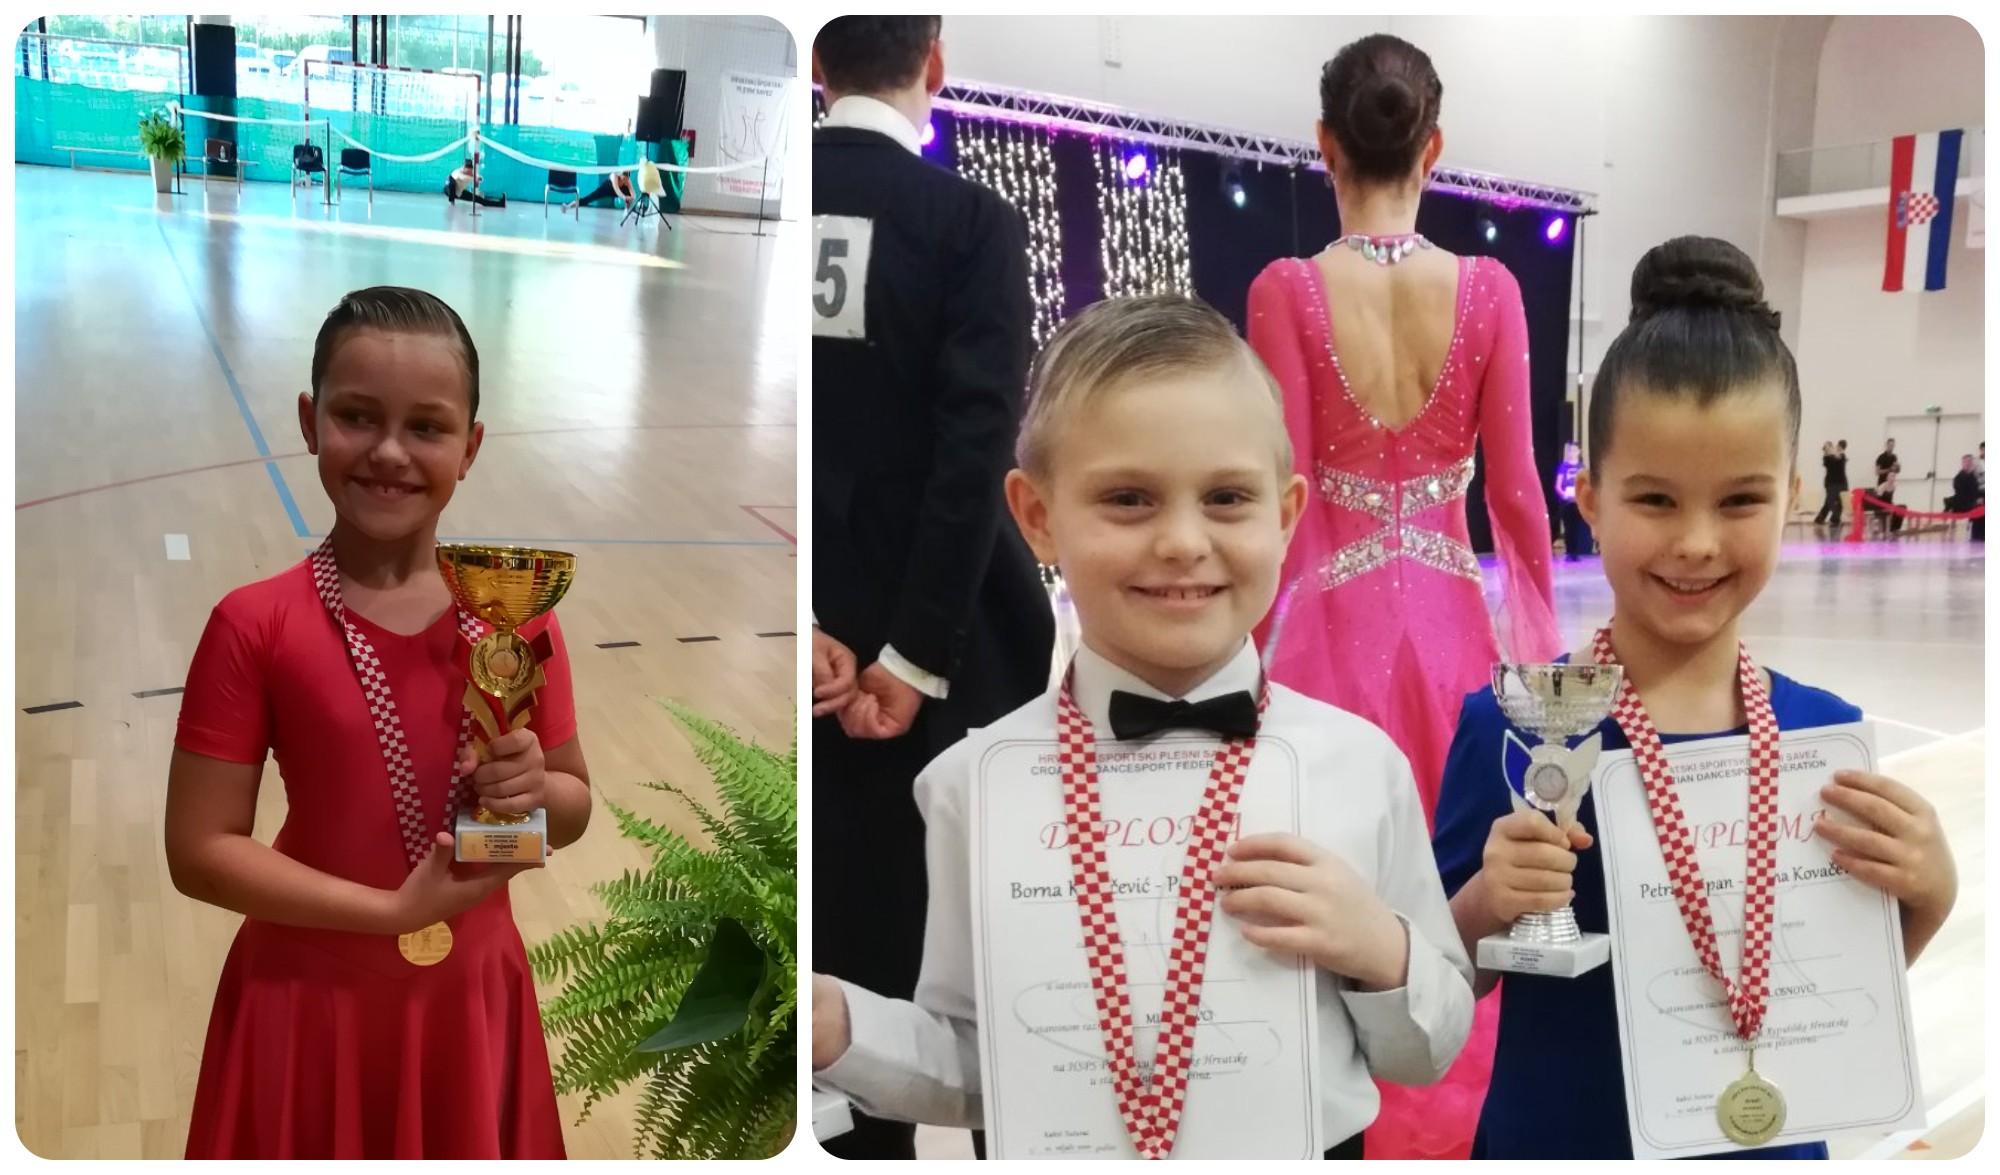 Ramona, Petra i Borna najbolji su mladi plesači u Hrvatskoj!